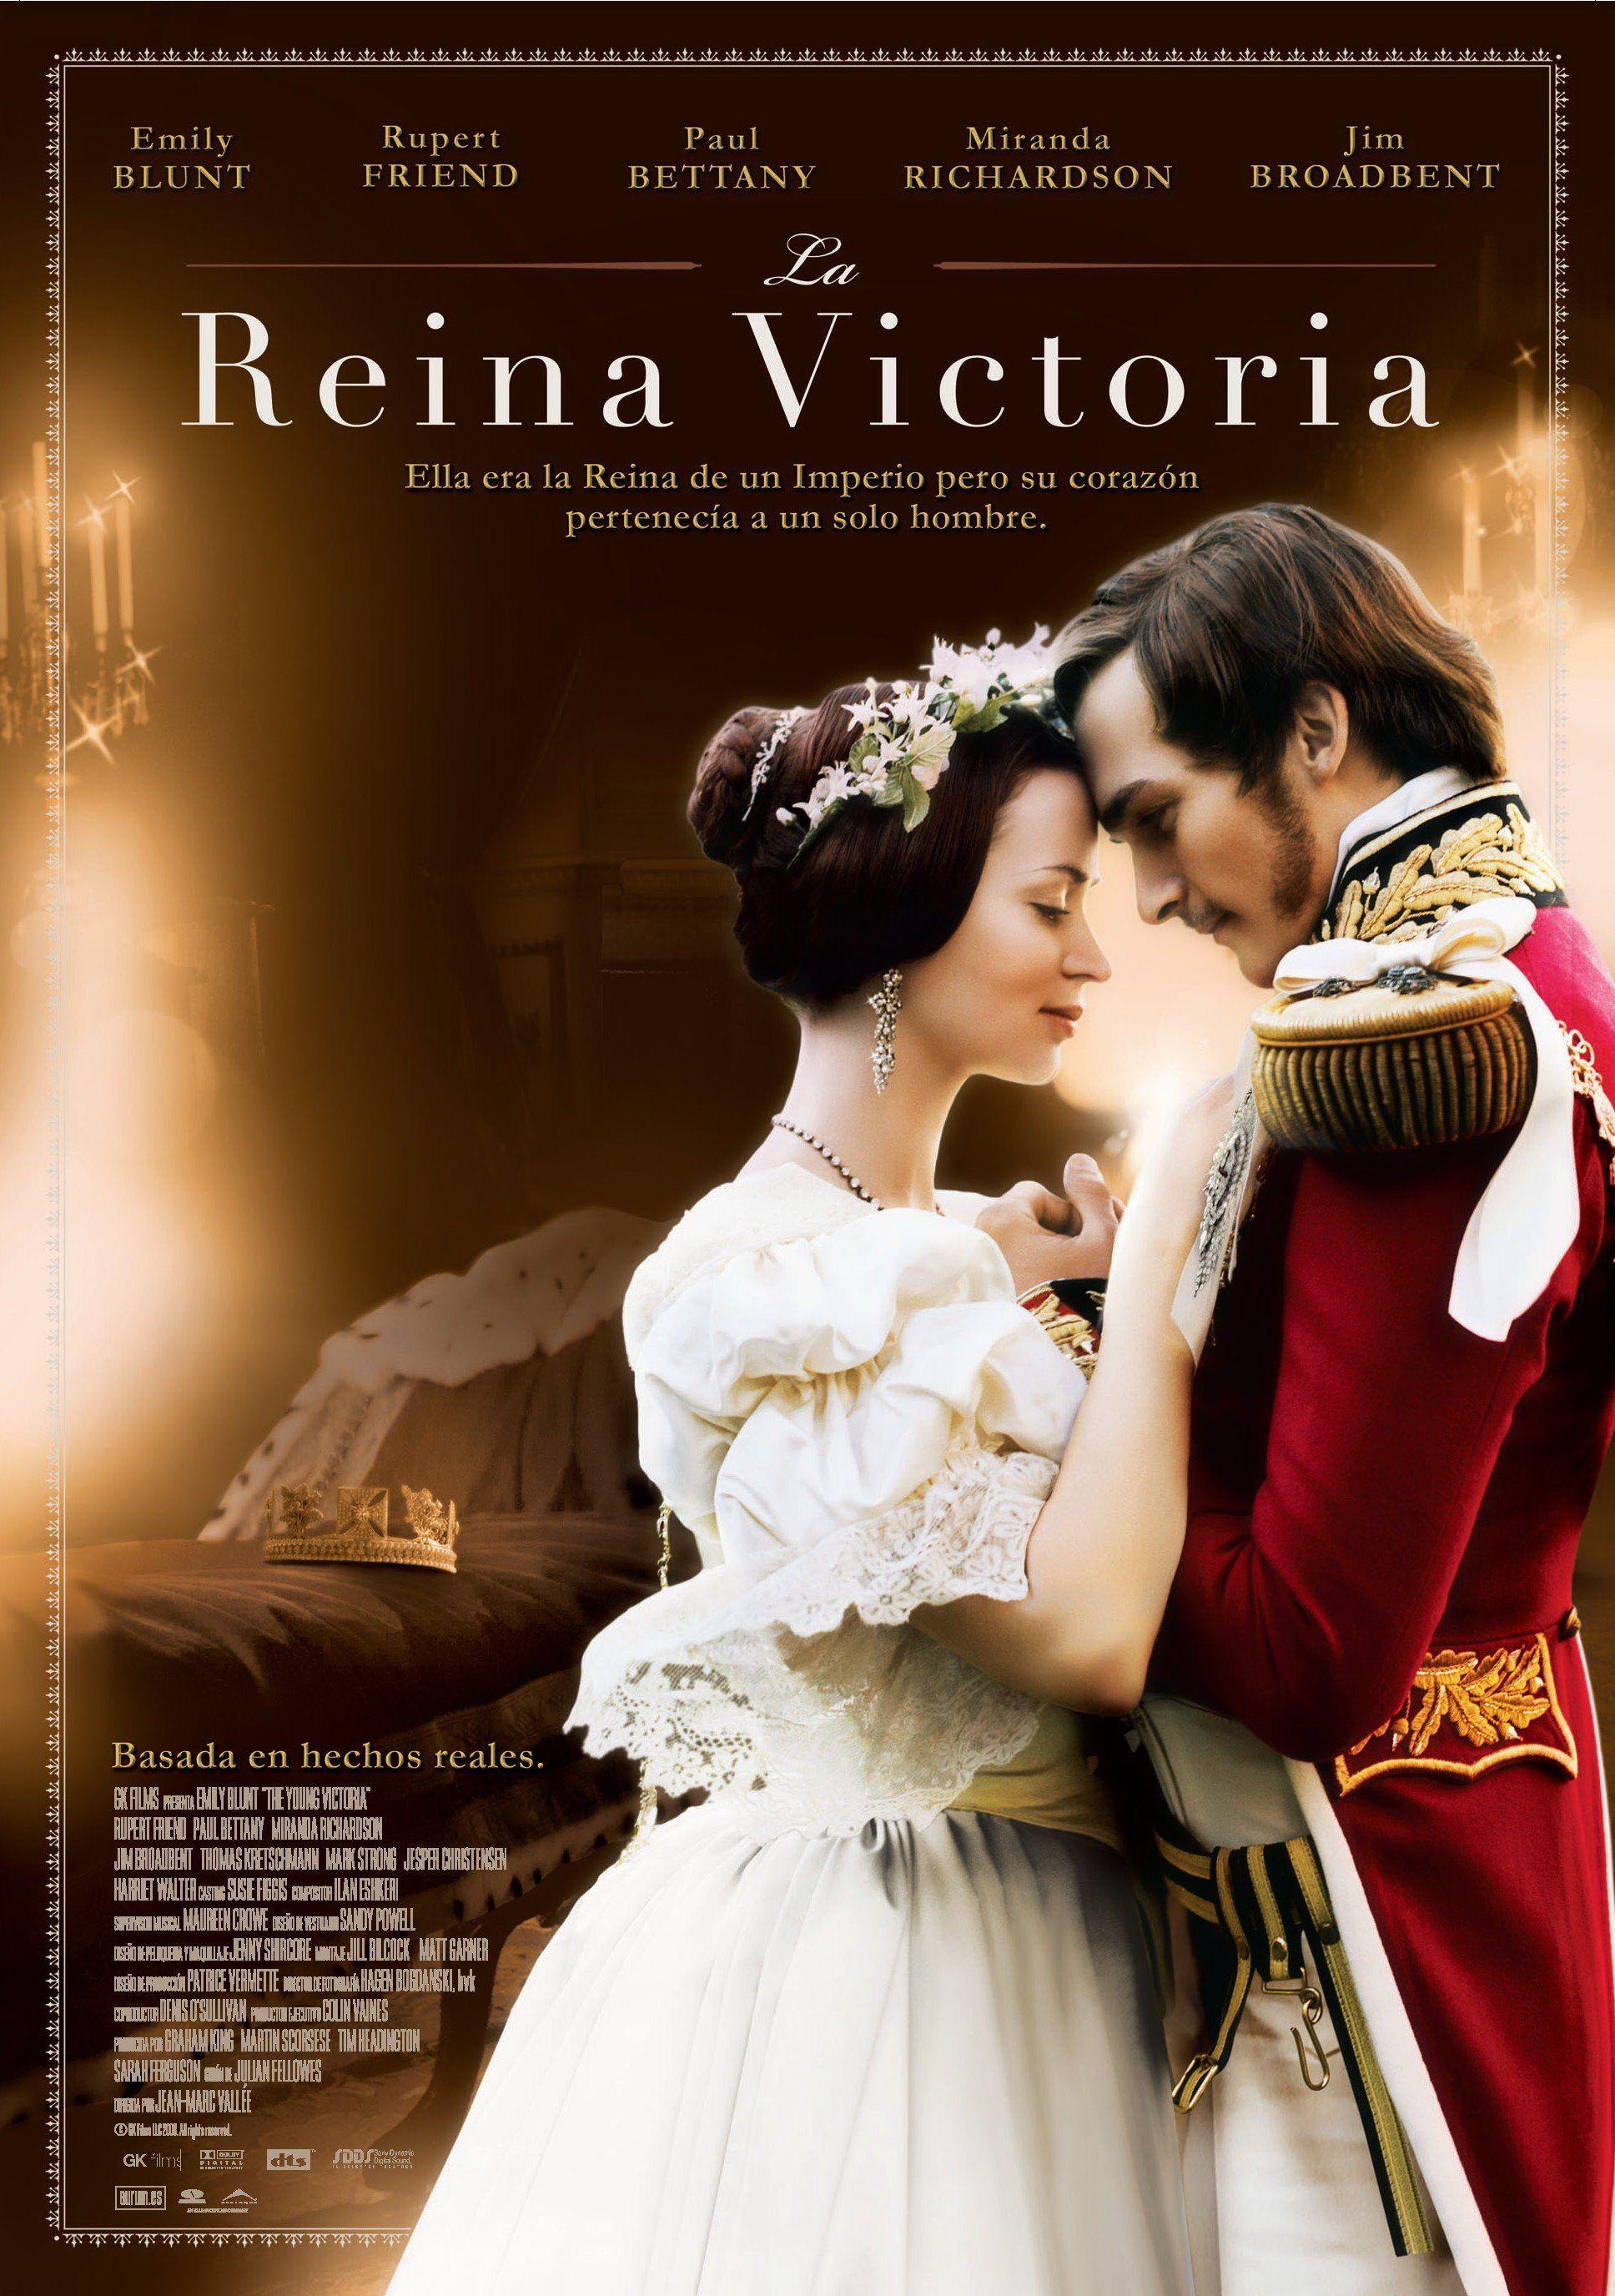 2009. La reina Victoria - The Young Victoria - tt0962736